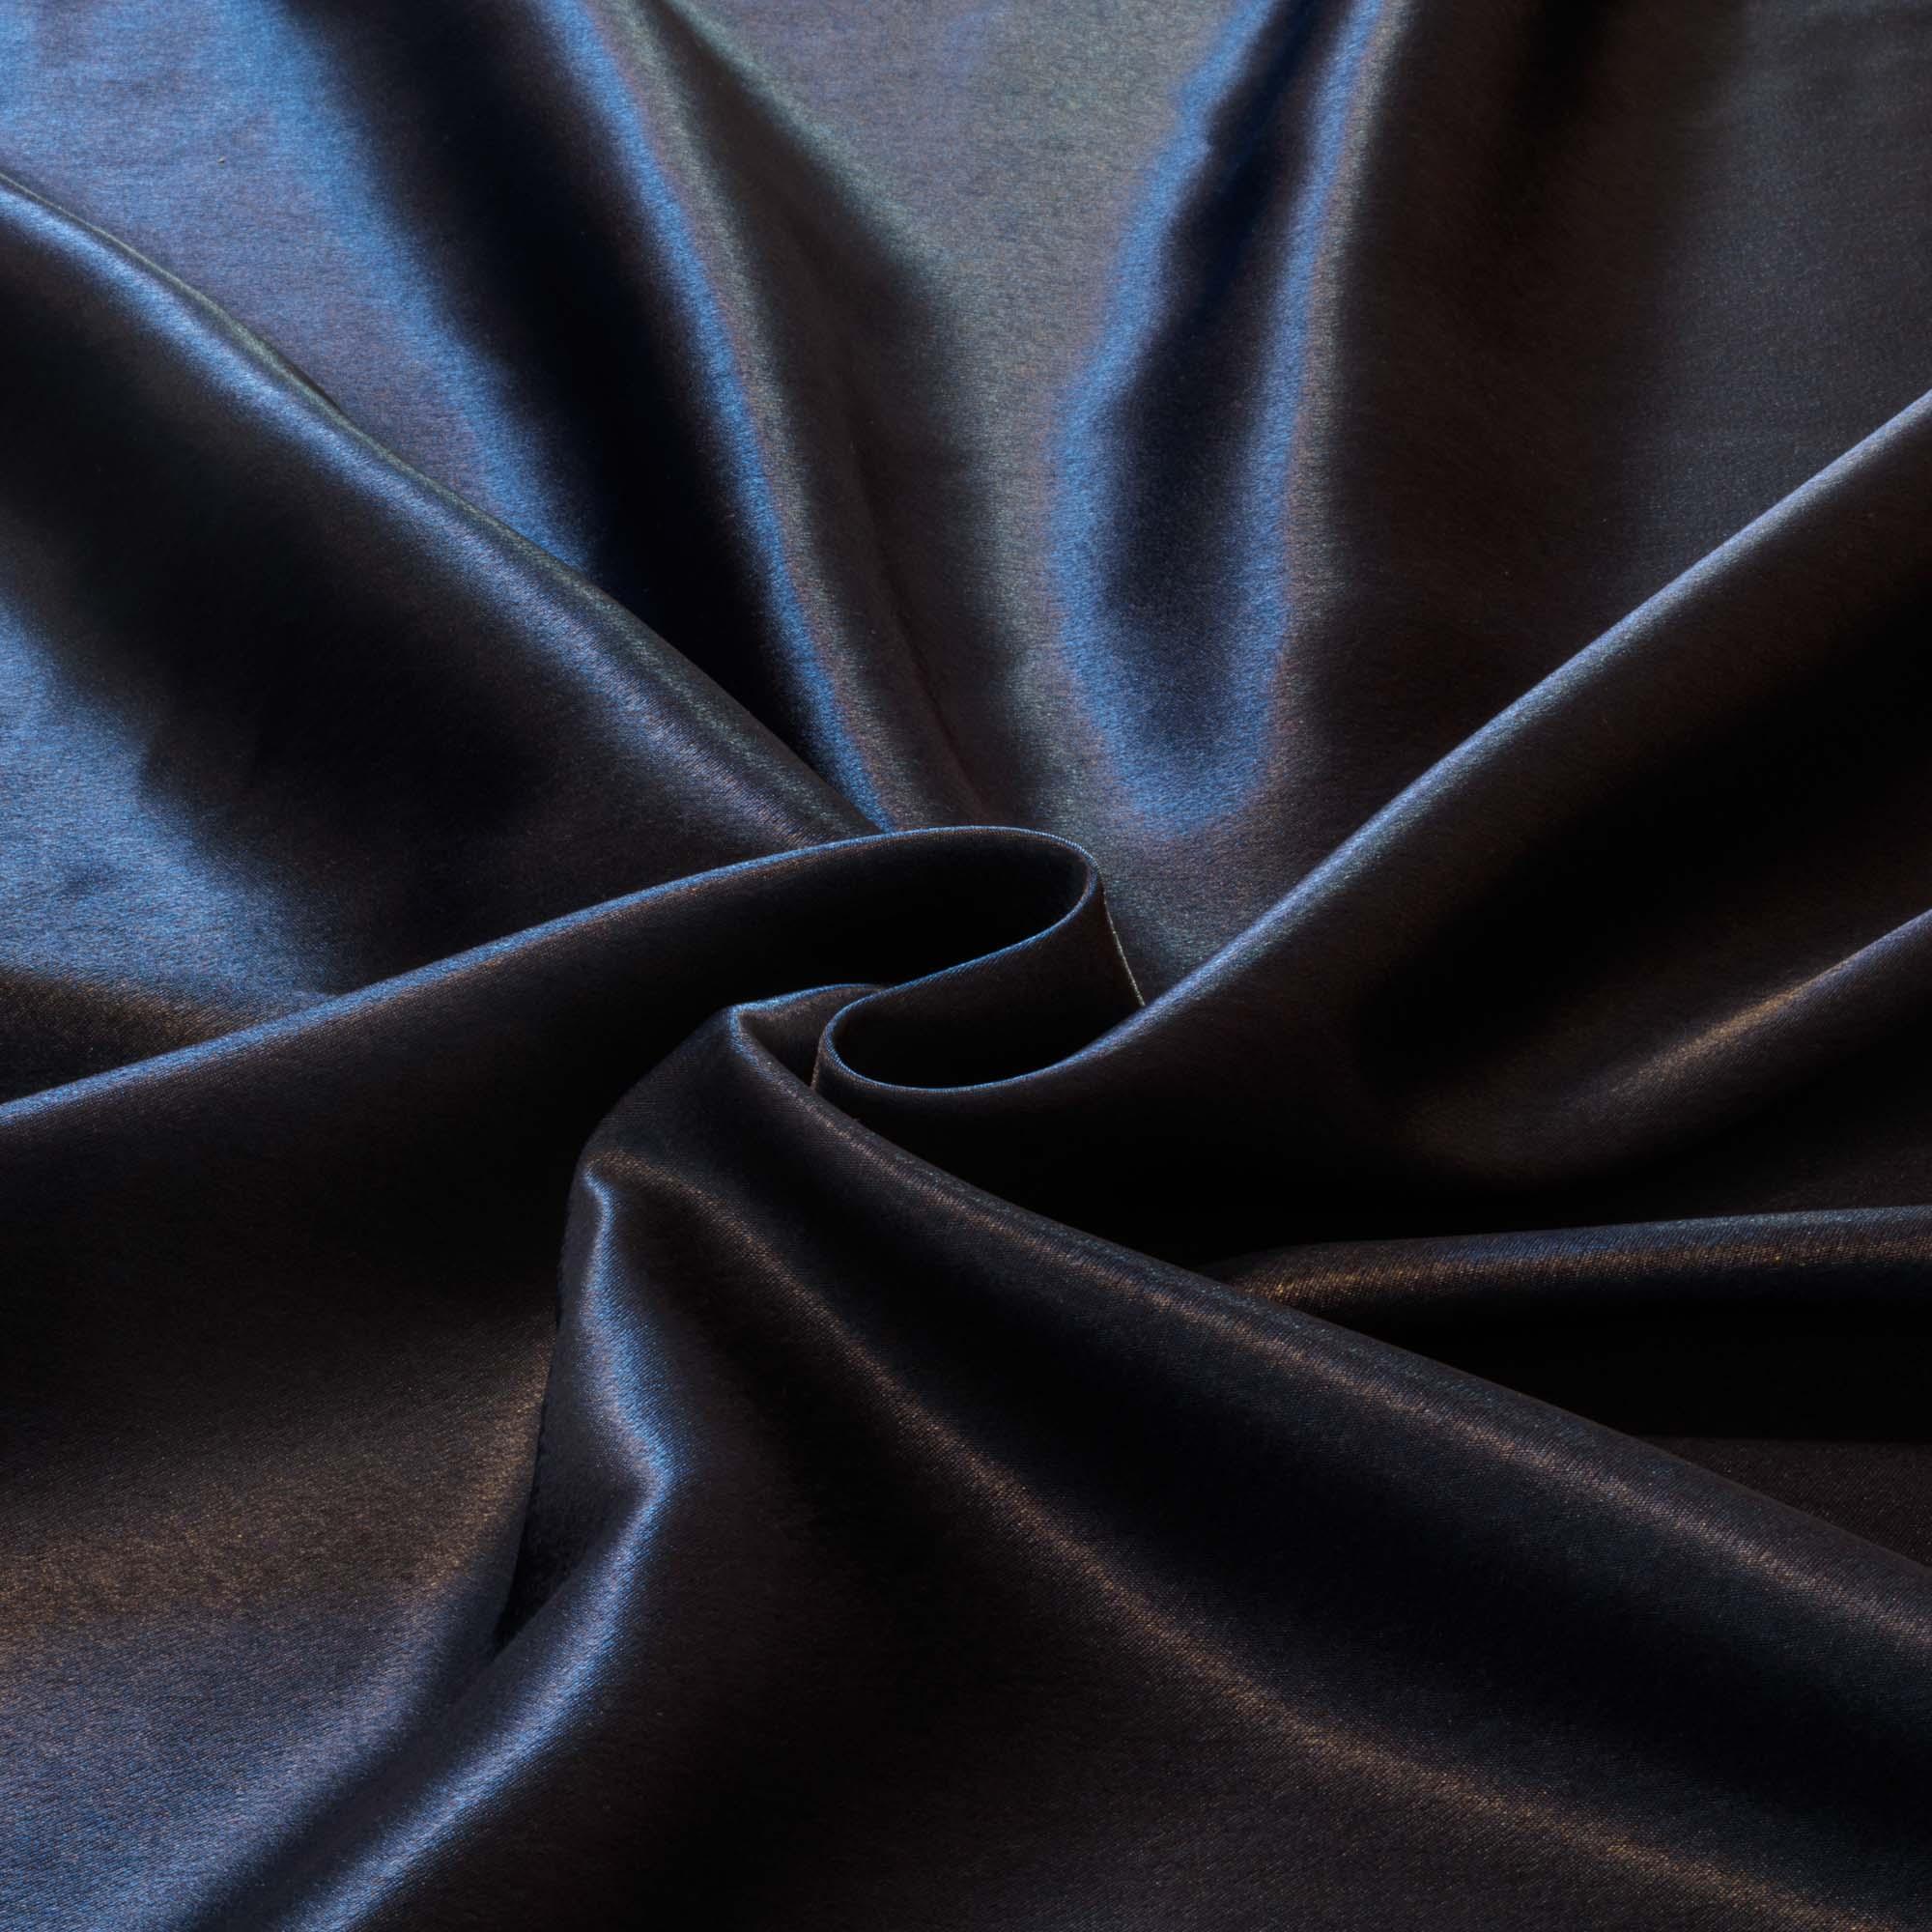 Tecido Crepe Patu Azul Marinho 100% Poliester 1,40 m Largura